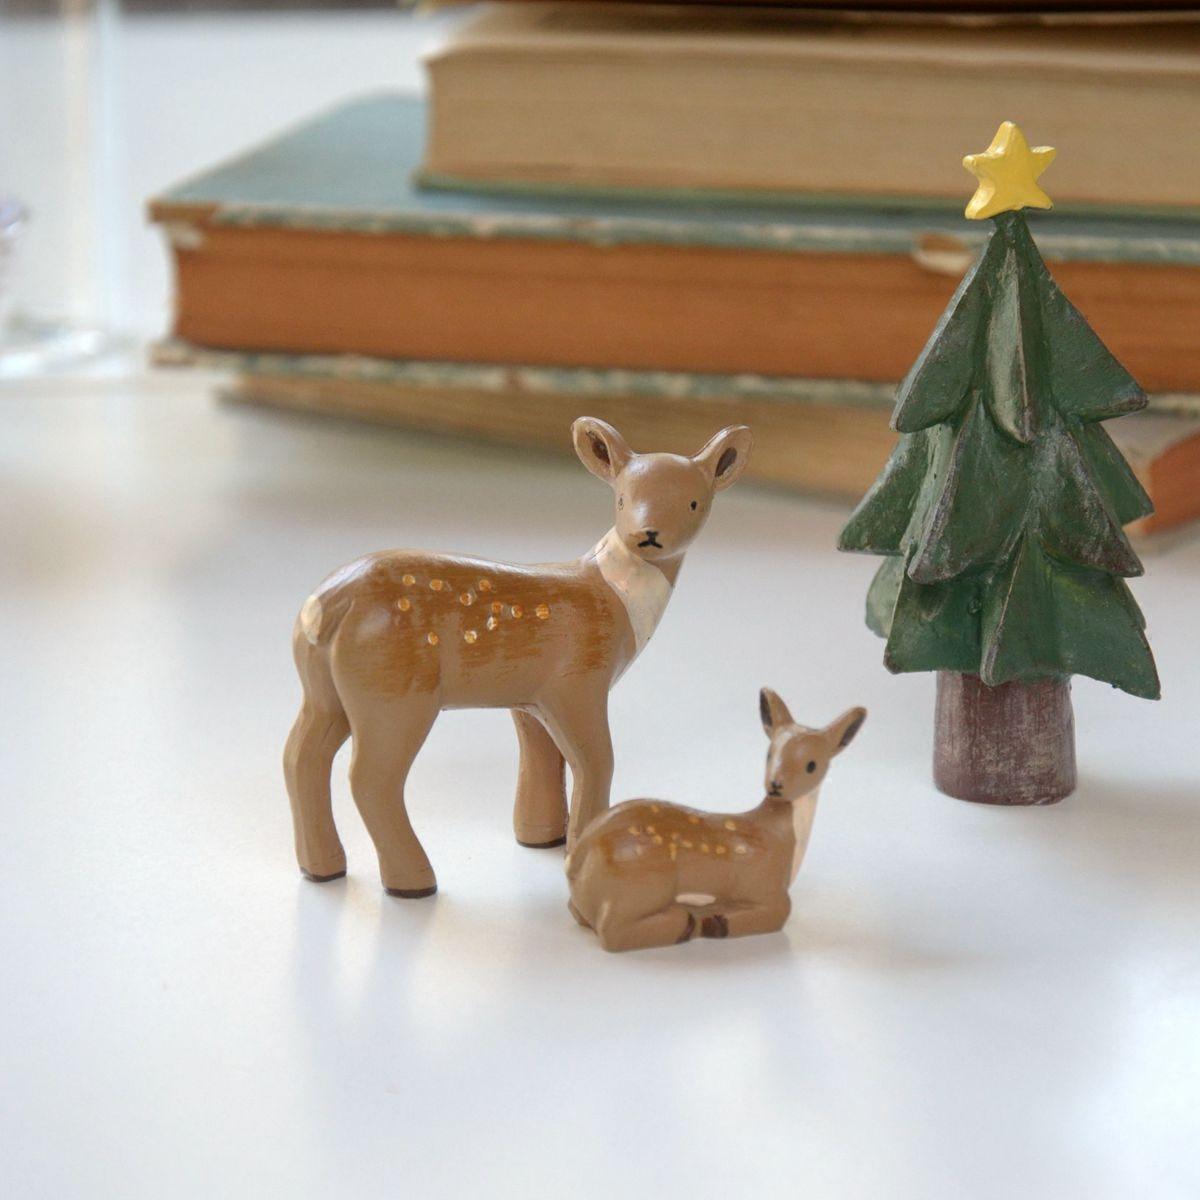 美式乡村小鹿摆件奶茶店铺儿童房客厅卧室创意小摆设家居软装饰品